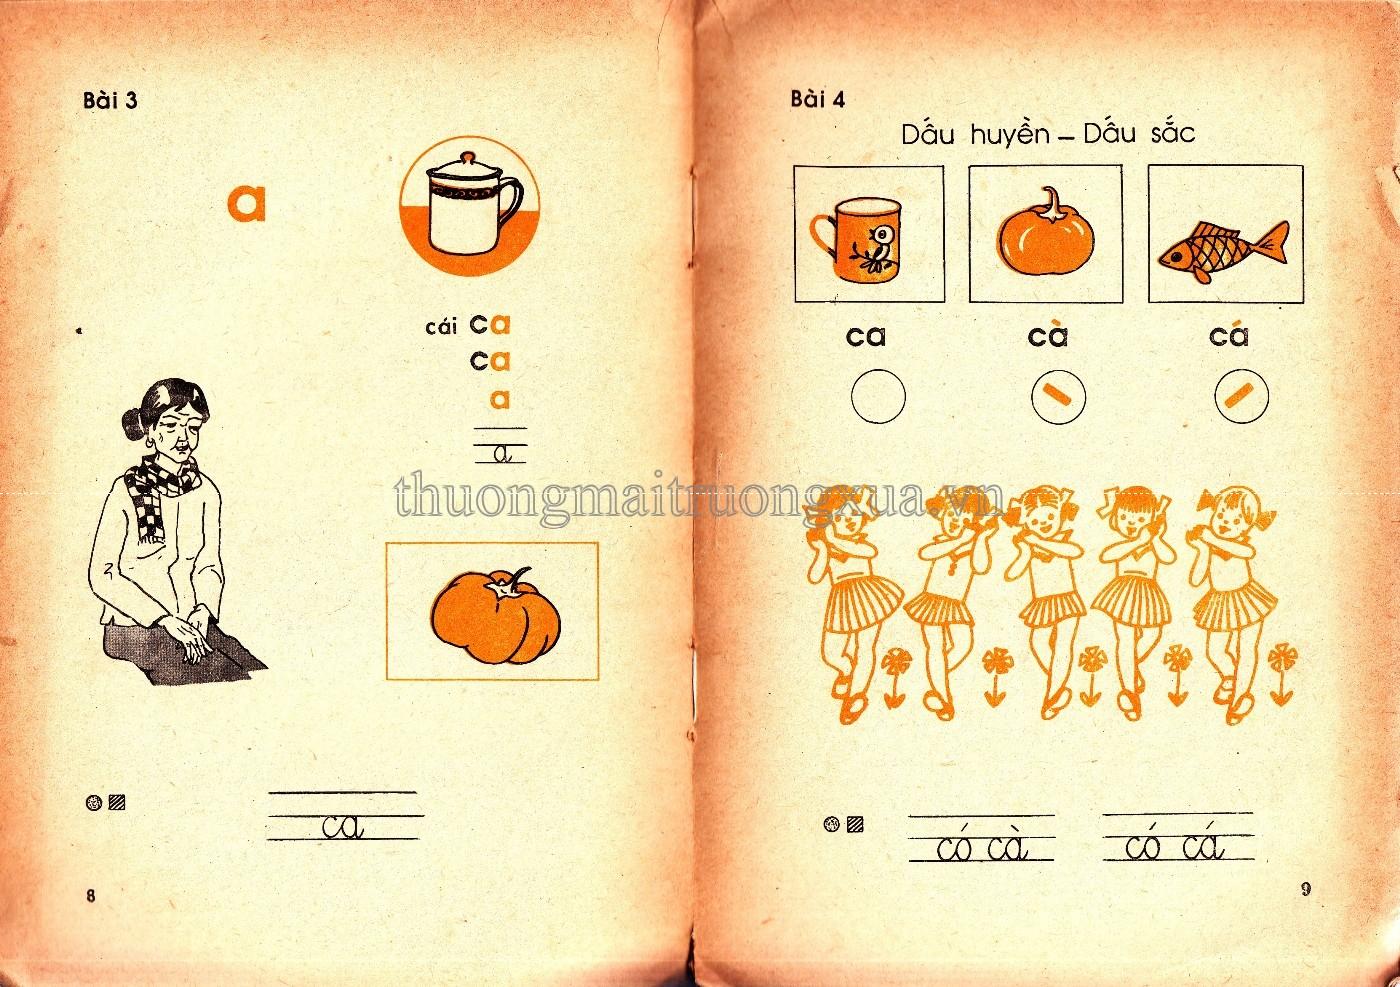 Chùm ảnh: Toàn bộ nội dung sách Tiếng Việt lớp 1 của thập niên 1990